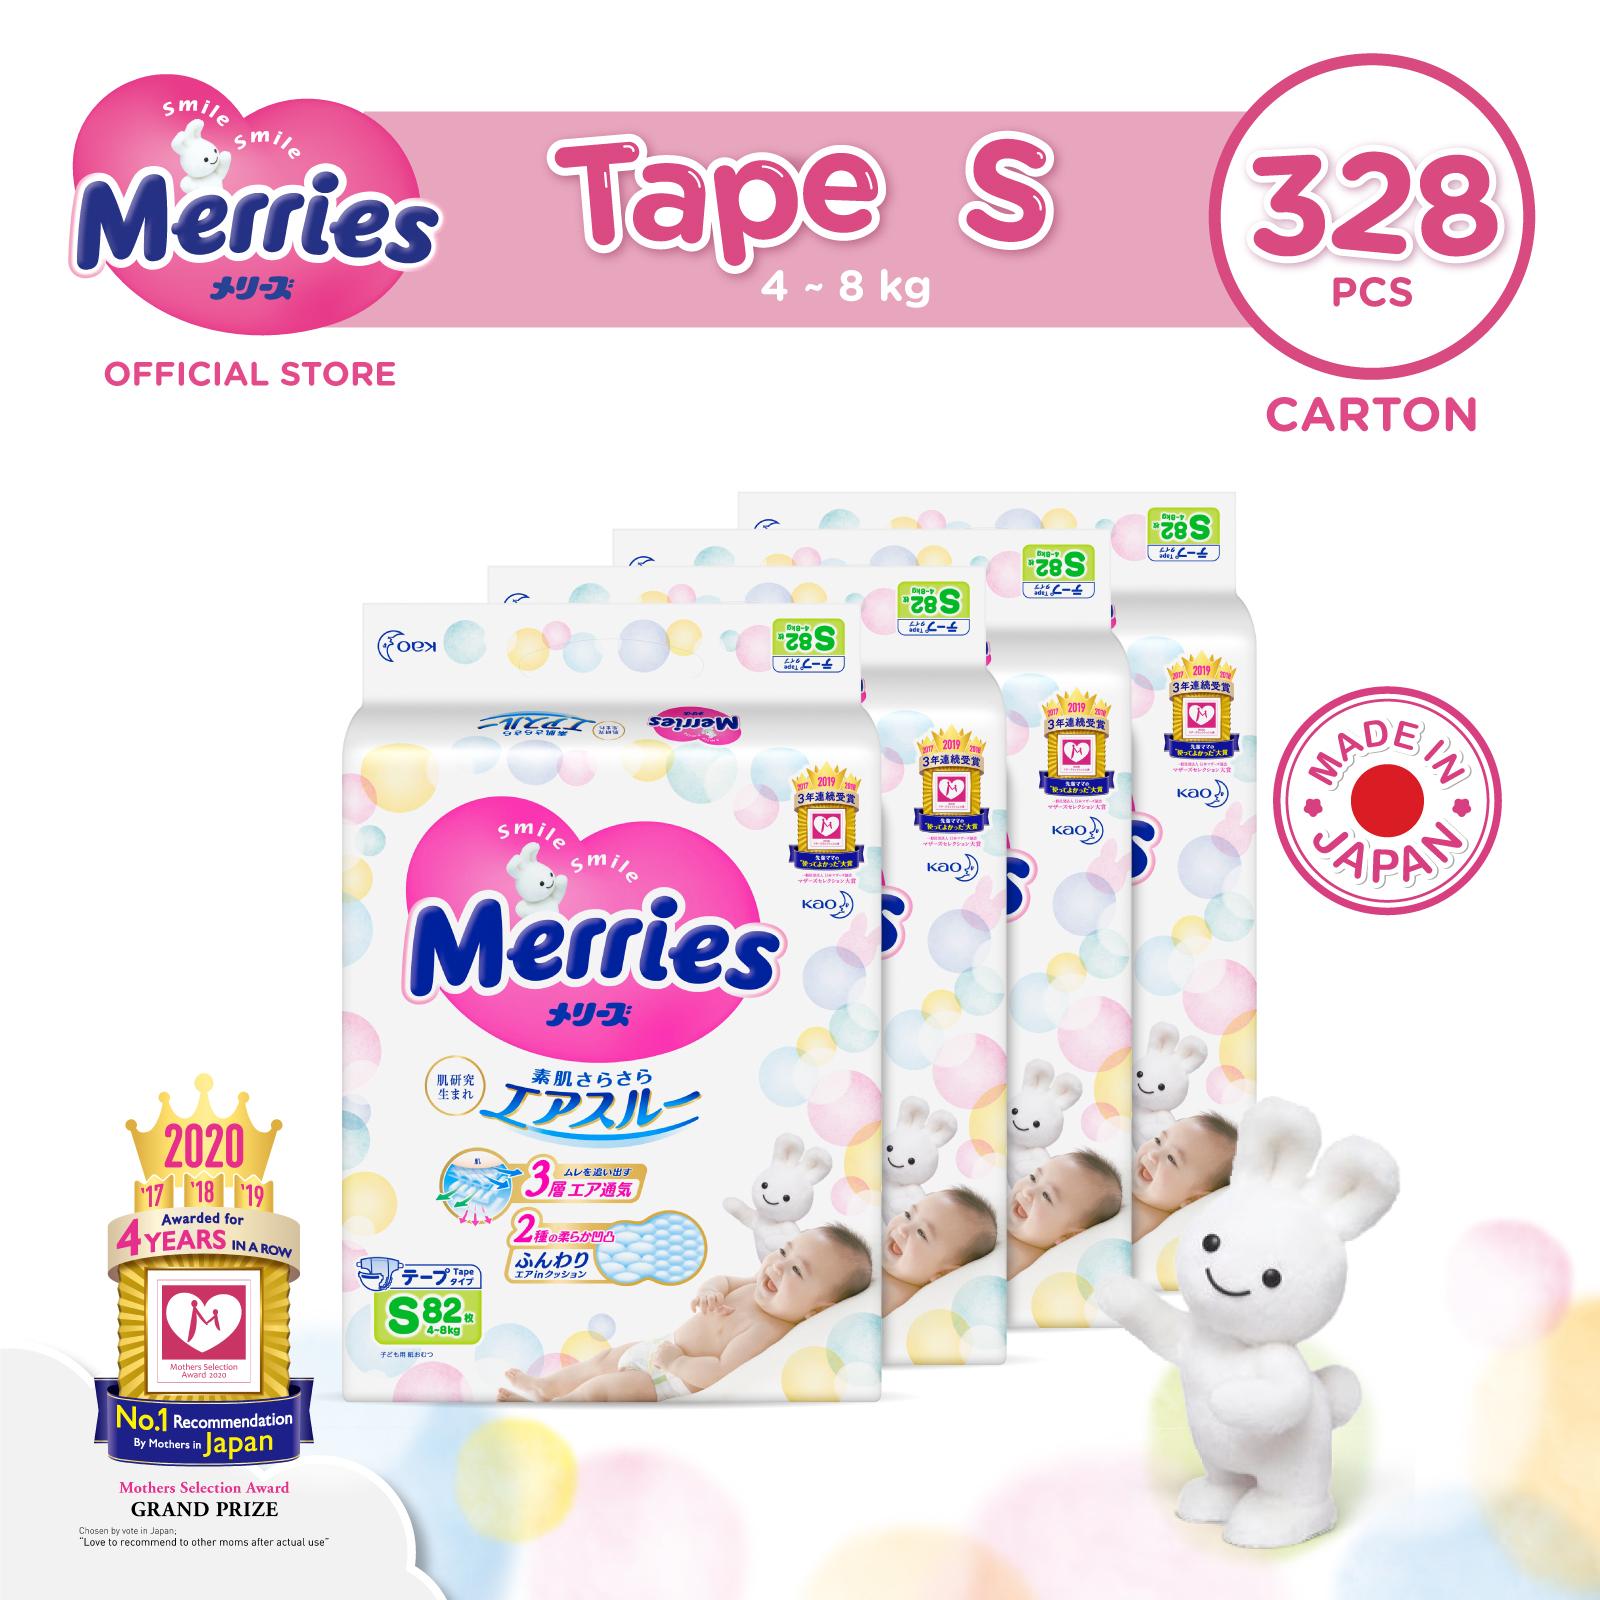 Merries Tape Diapers S82s x 4 packs